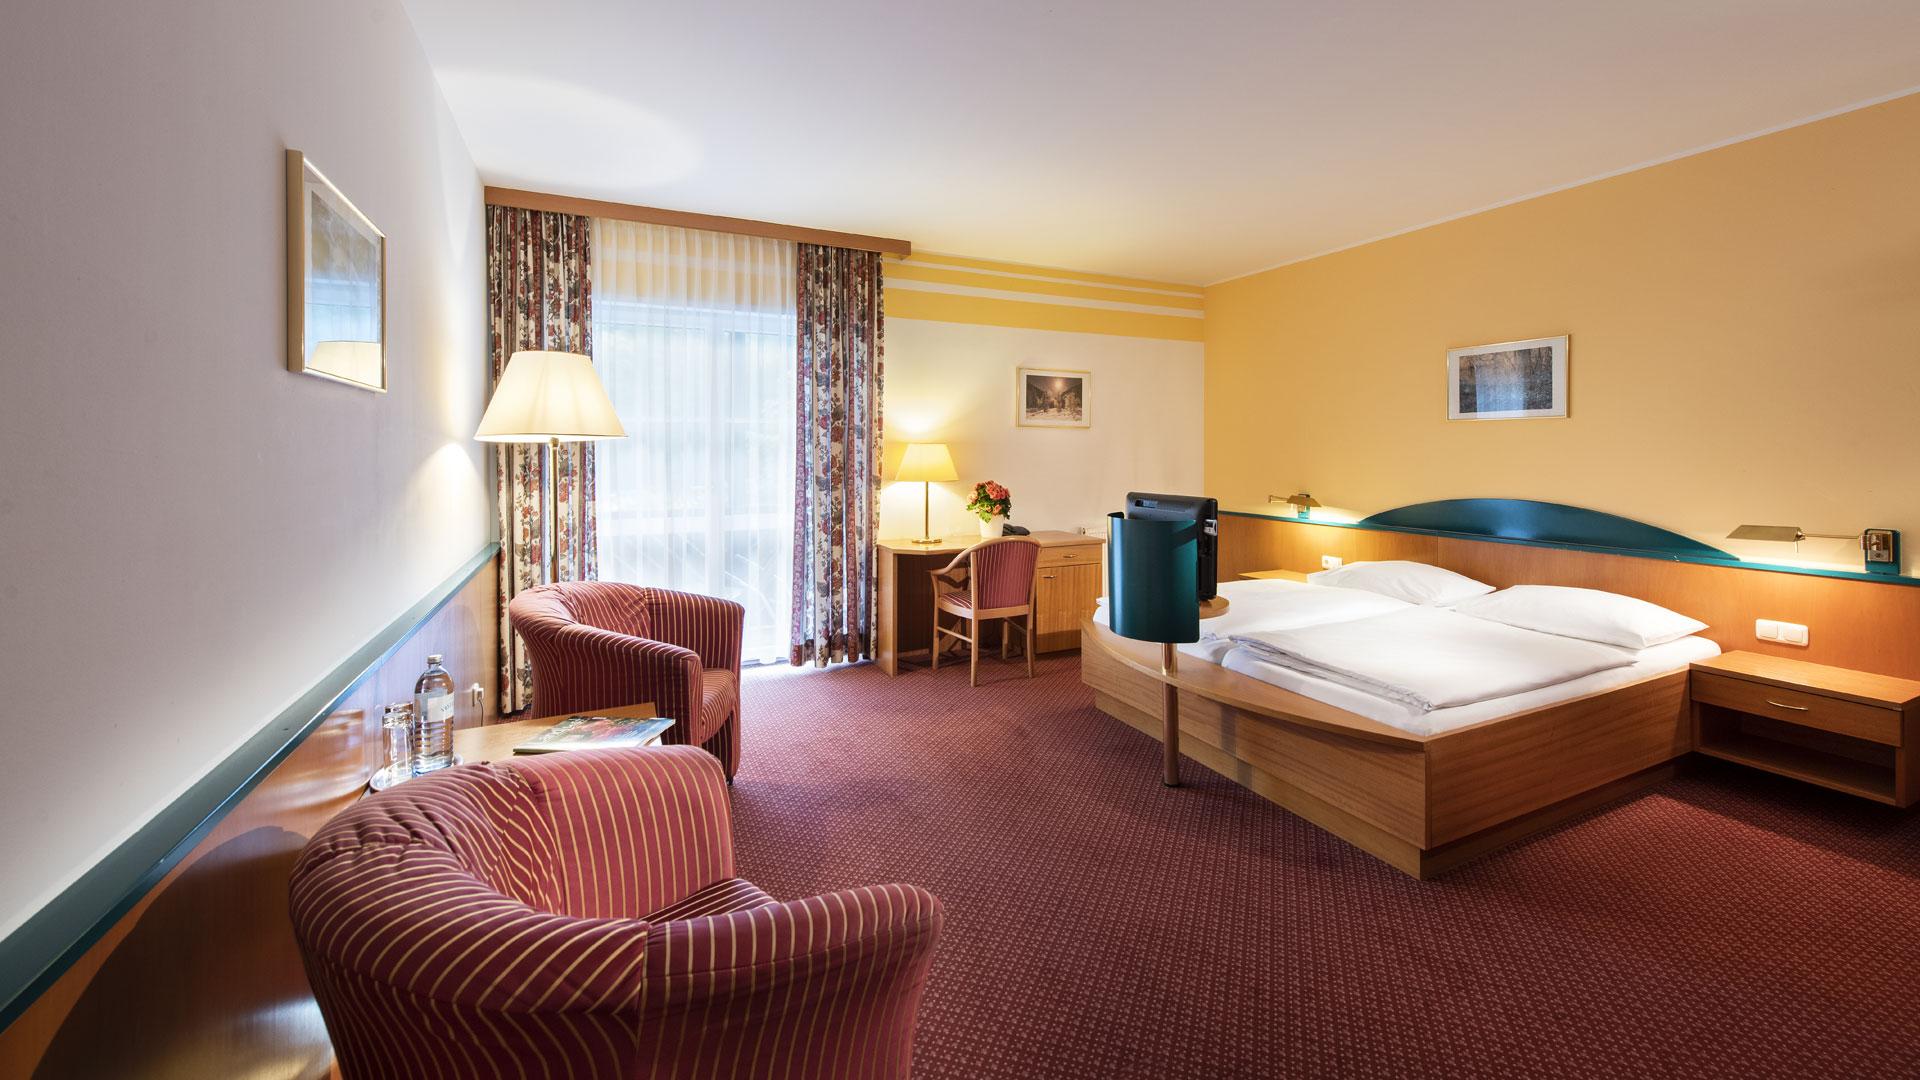 Doppelzimmer Economy im Parkhotel zur Klause, Bad Hall